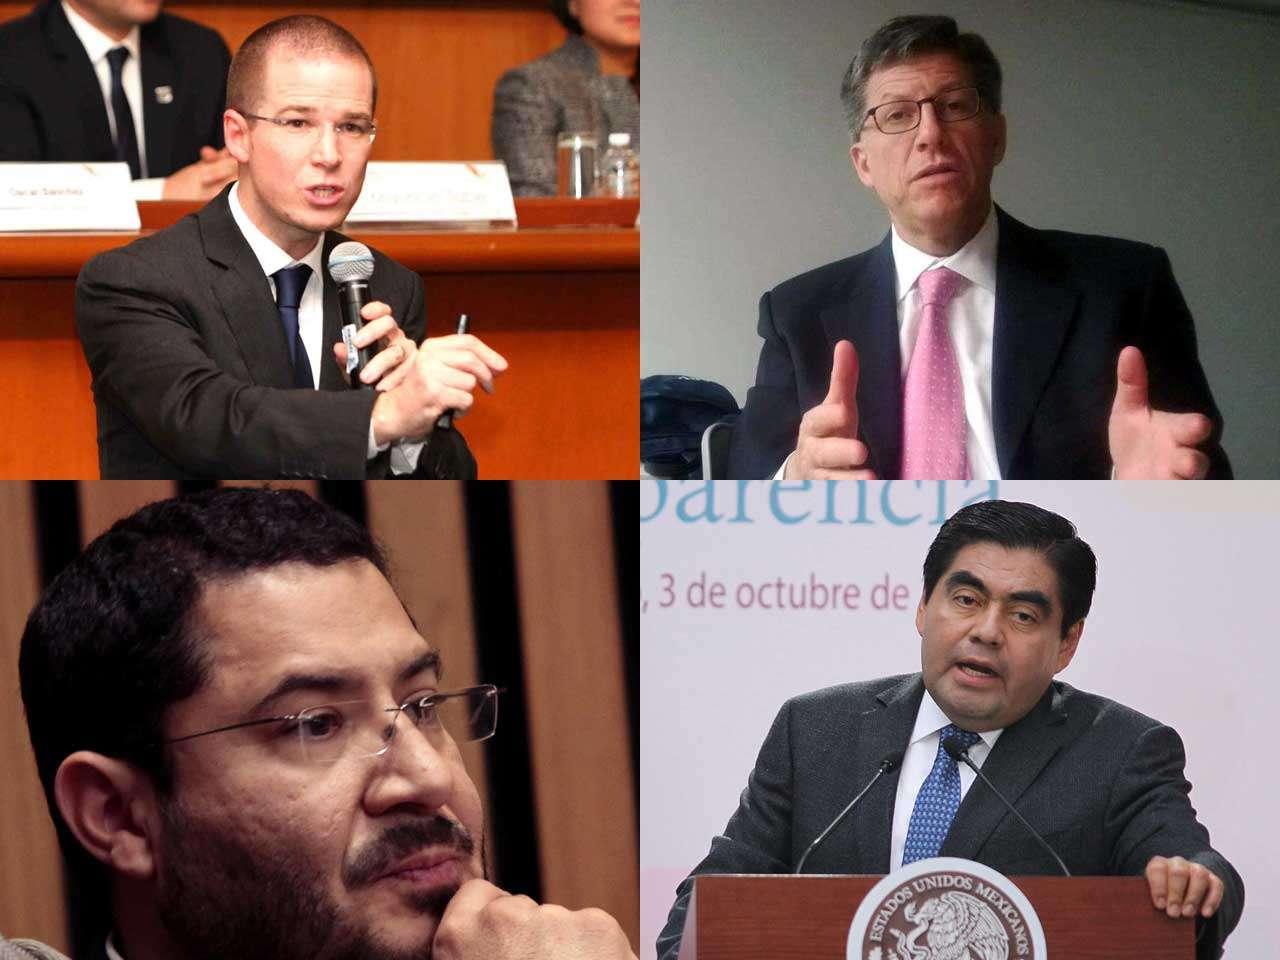 Políticos de partidos de oposición, la organización Human Rights Watch y normalistas de Guerrero expresaron posturas acerca del anuncio presidencial. Foto: Notimex y Reforma